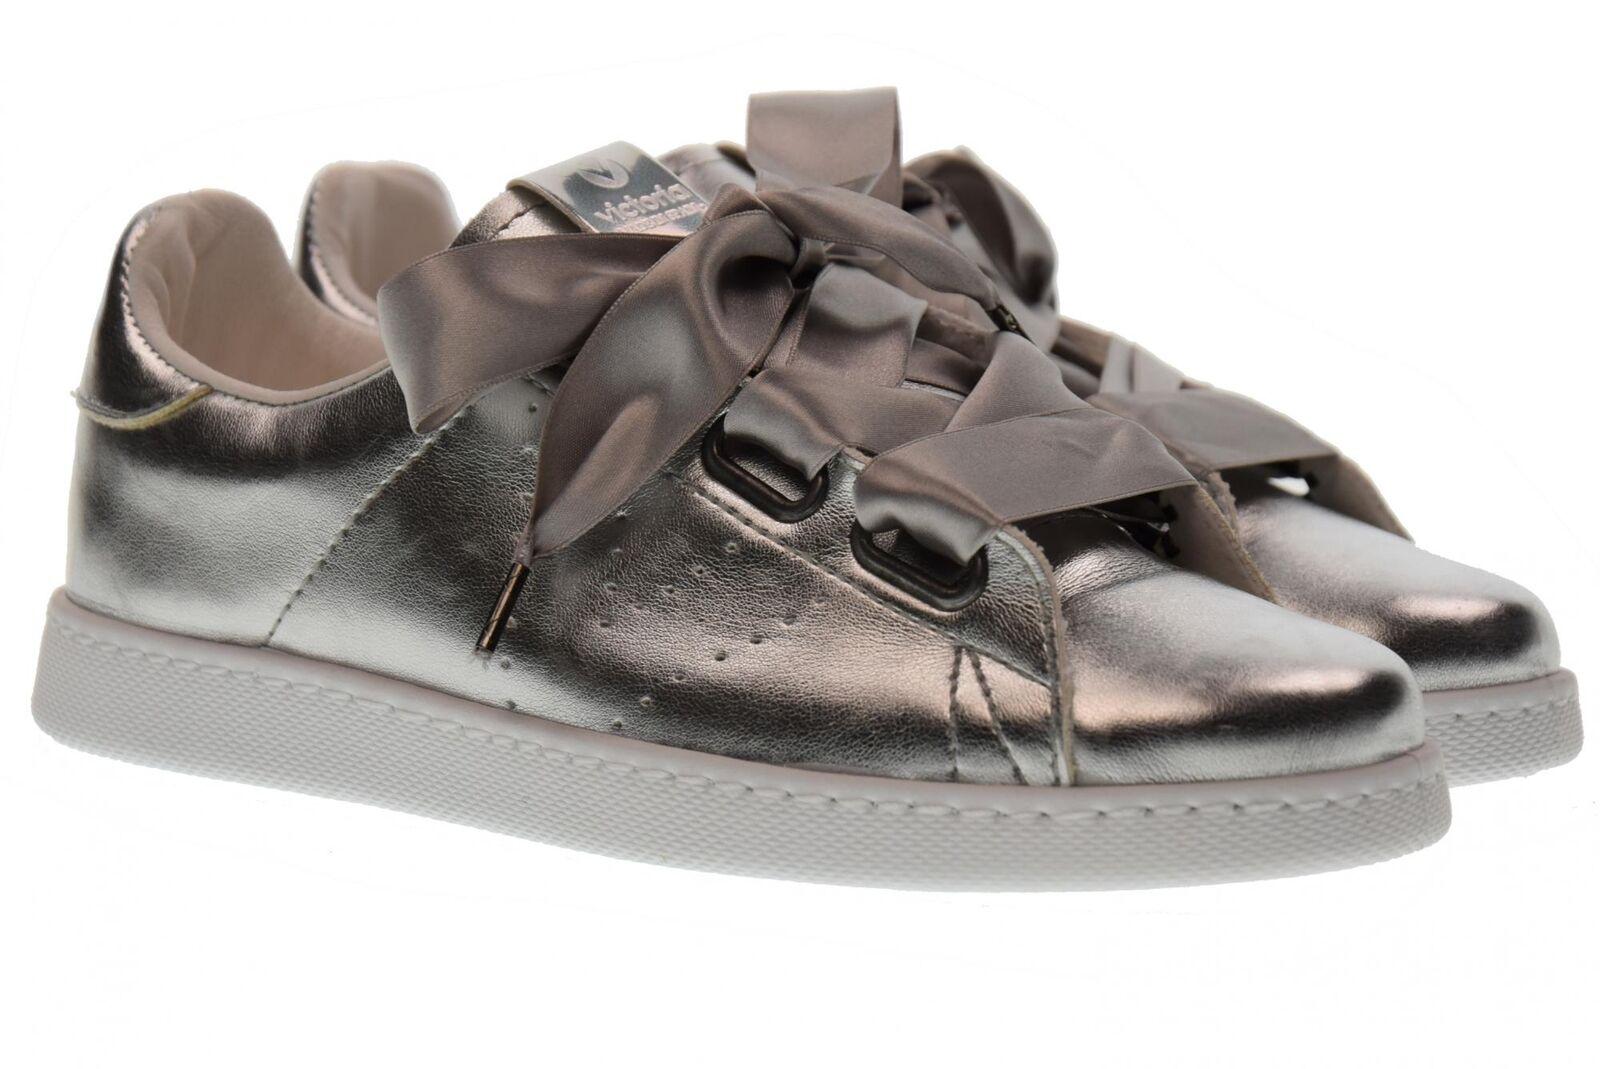 Victoria skor kvinnor kvinnor kvinnor Low skor 125.165 silver p18g  till försäljning online